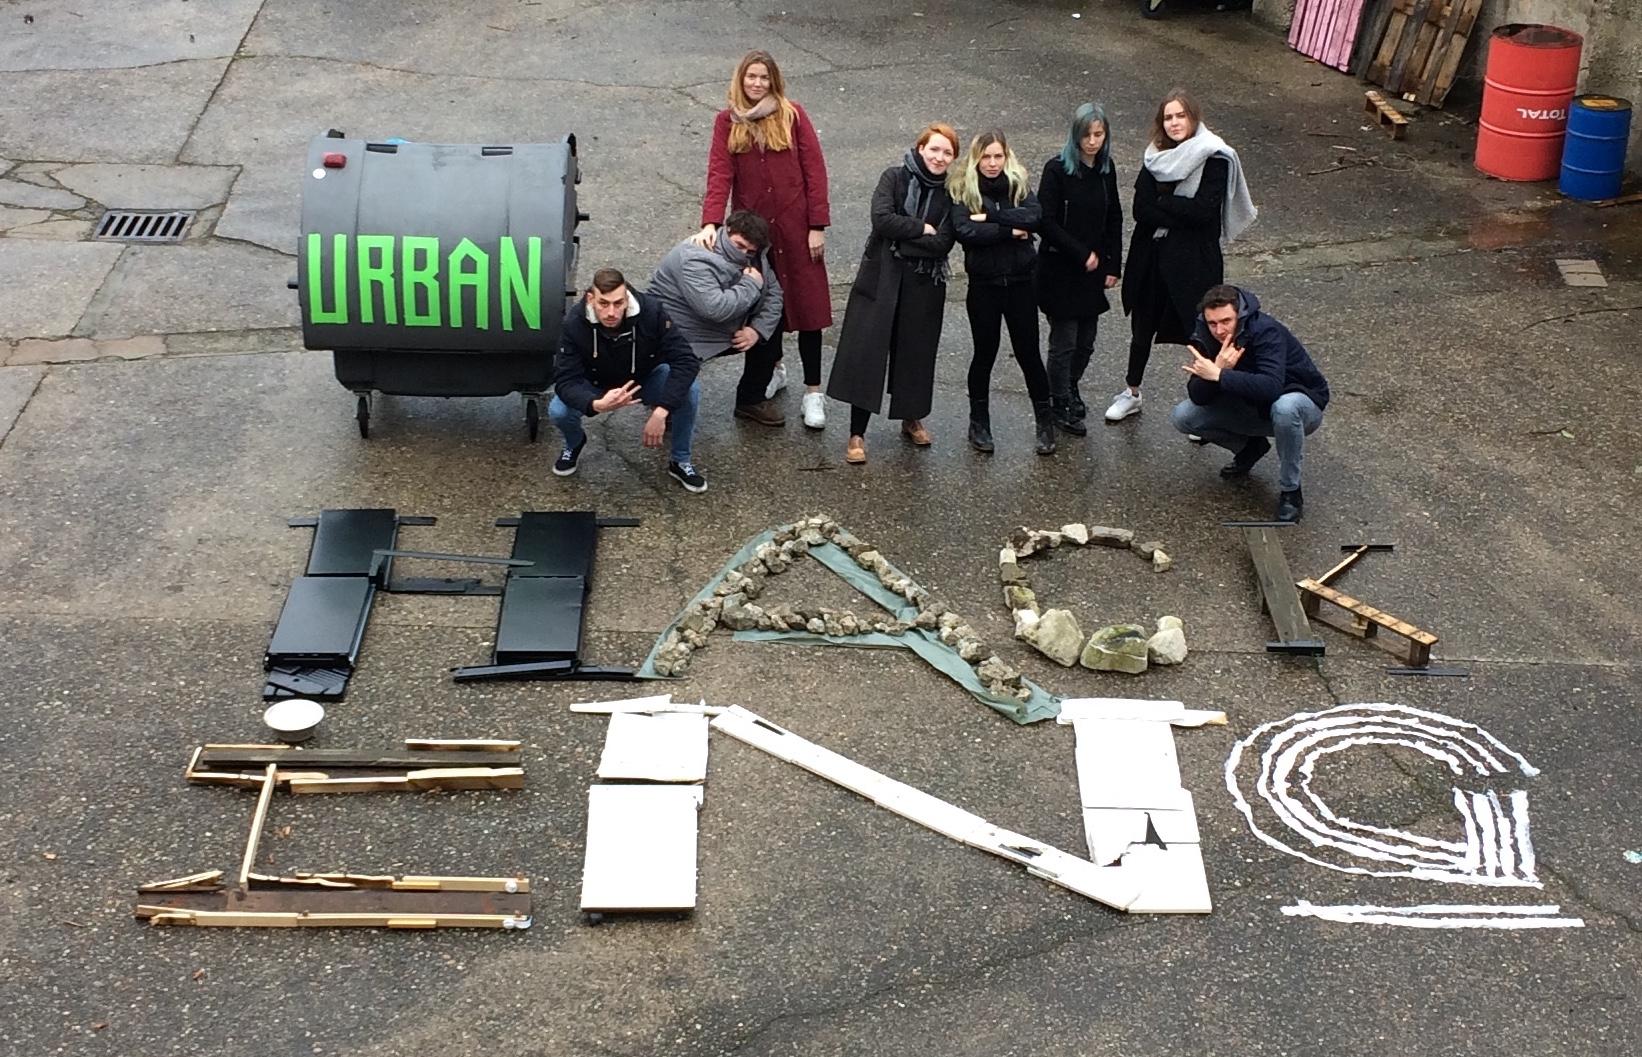 UrbanHackingGang-Mannheim